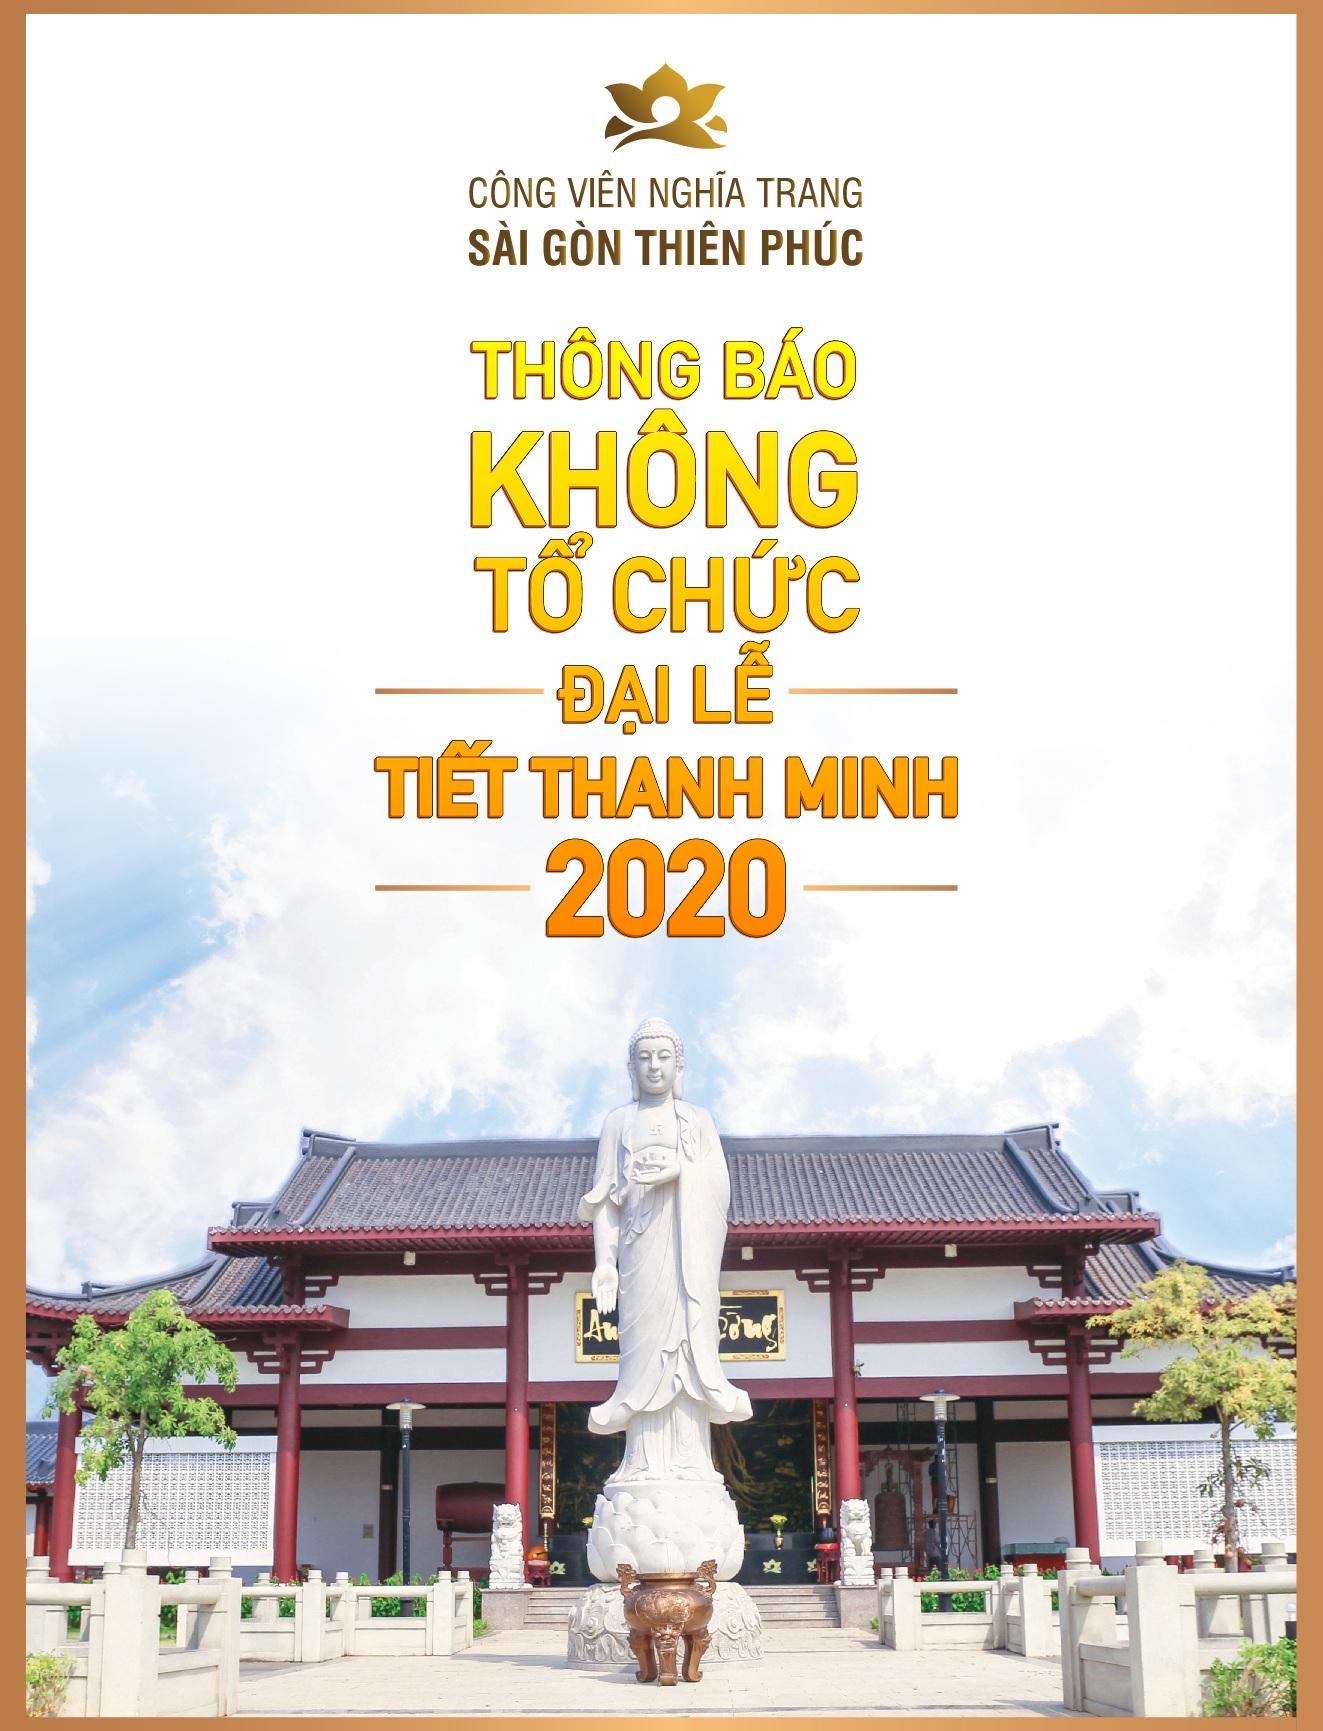 sai-gon-thien-phuc-thong-bao-khong-to-chuc-dai-le-tiet-thanh-minh-2020